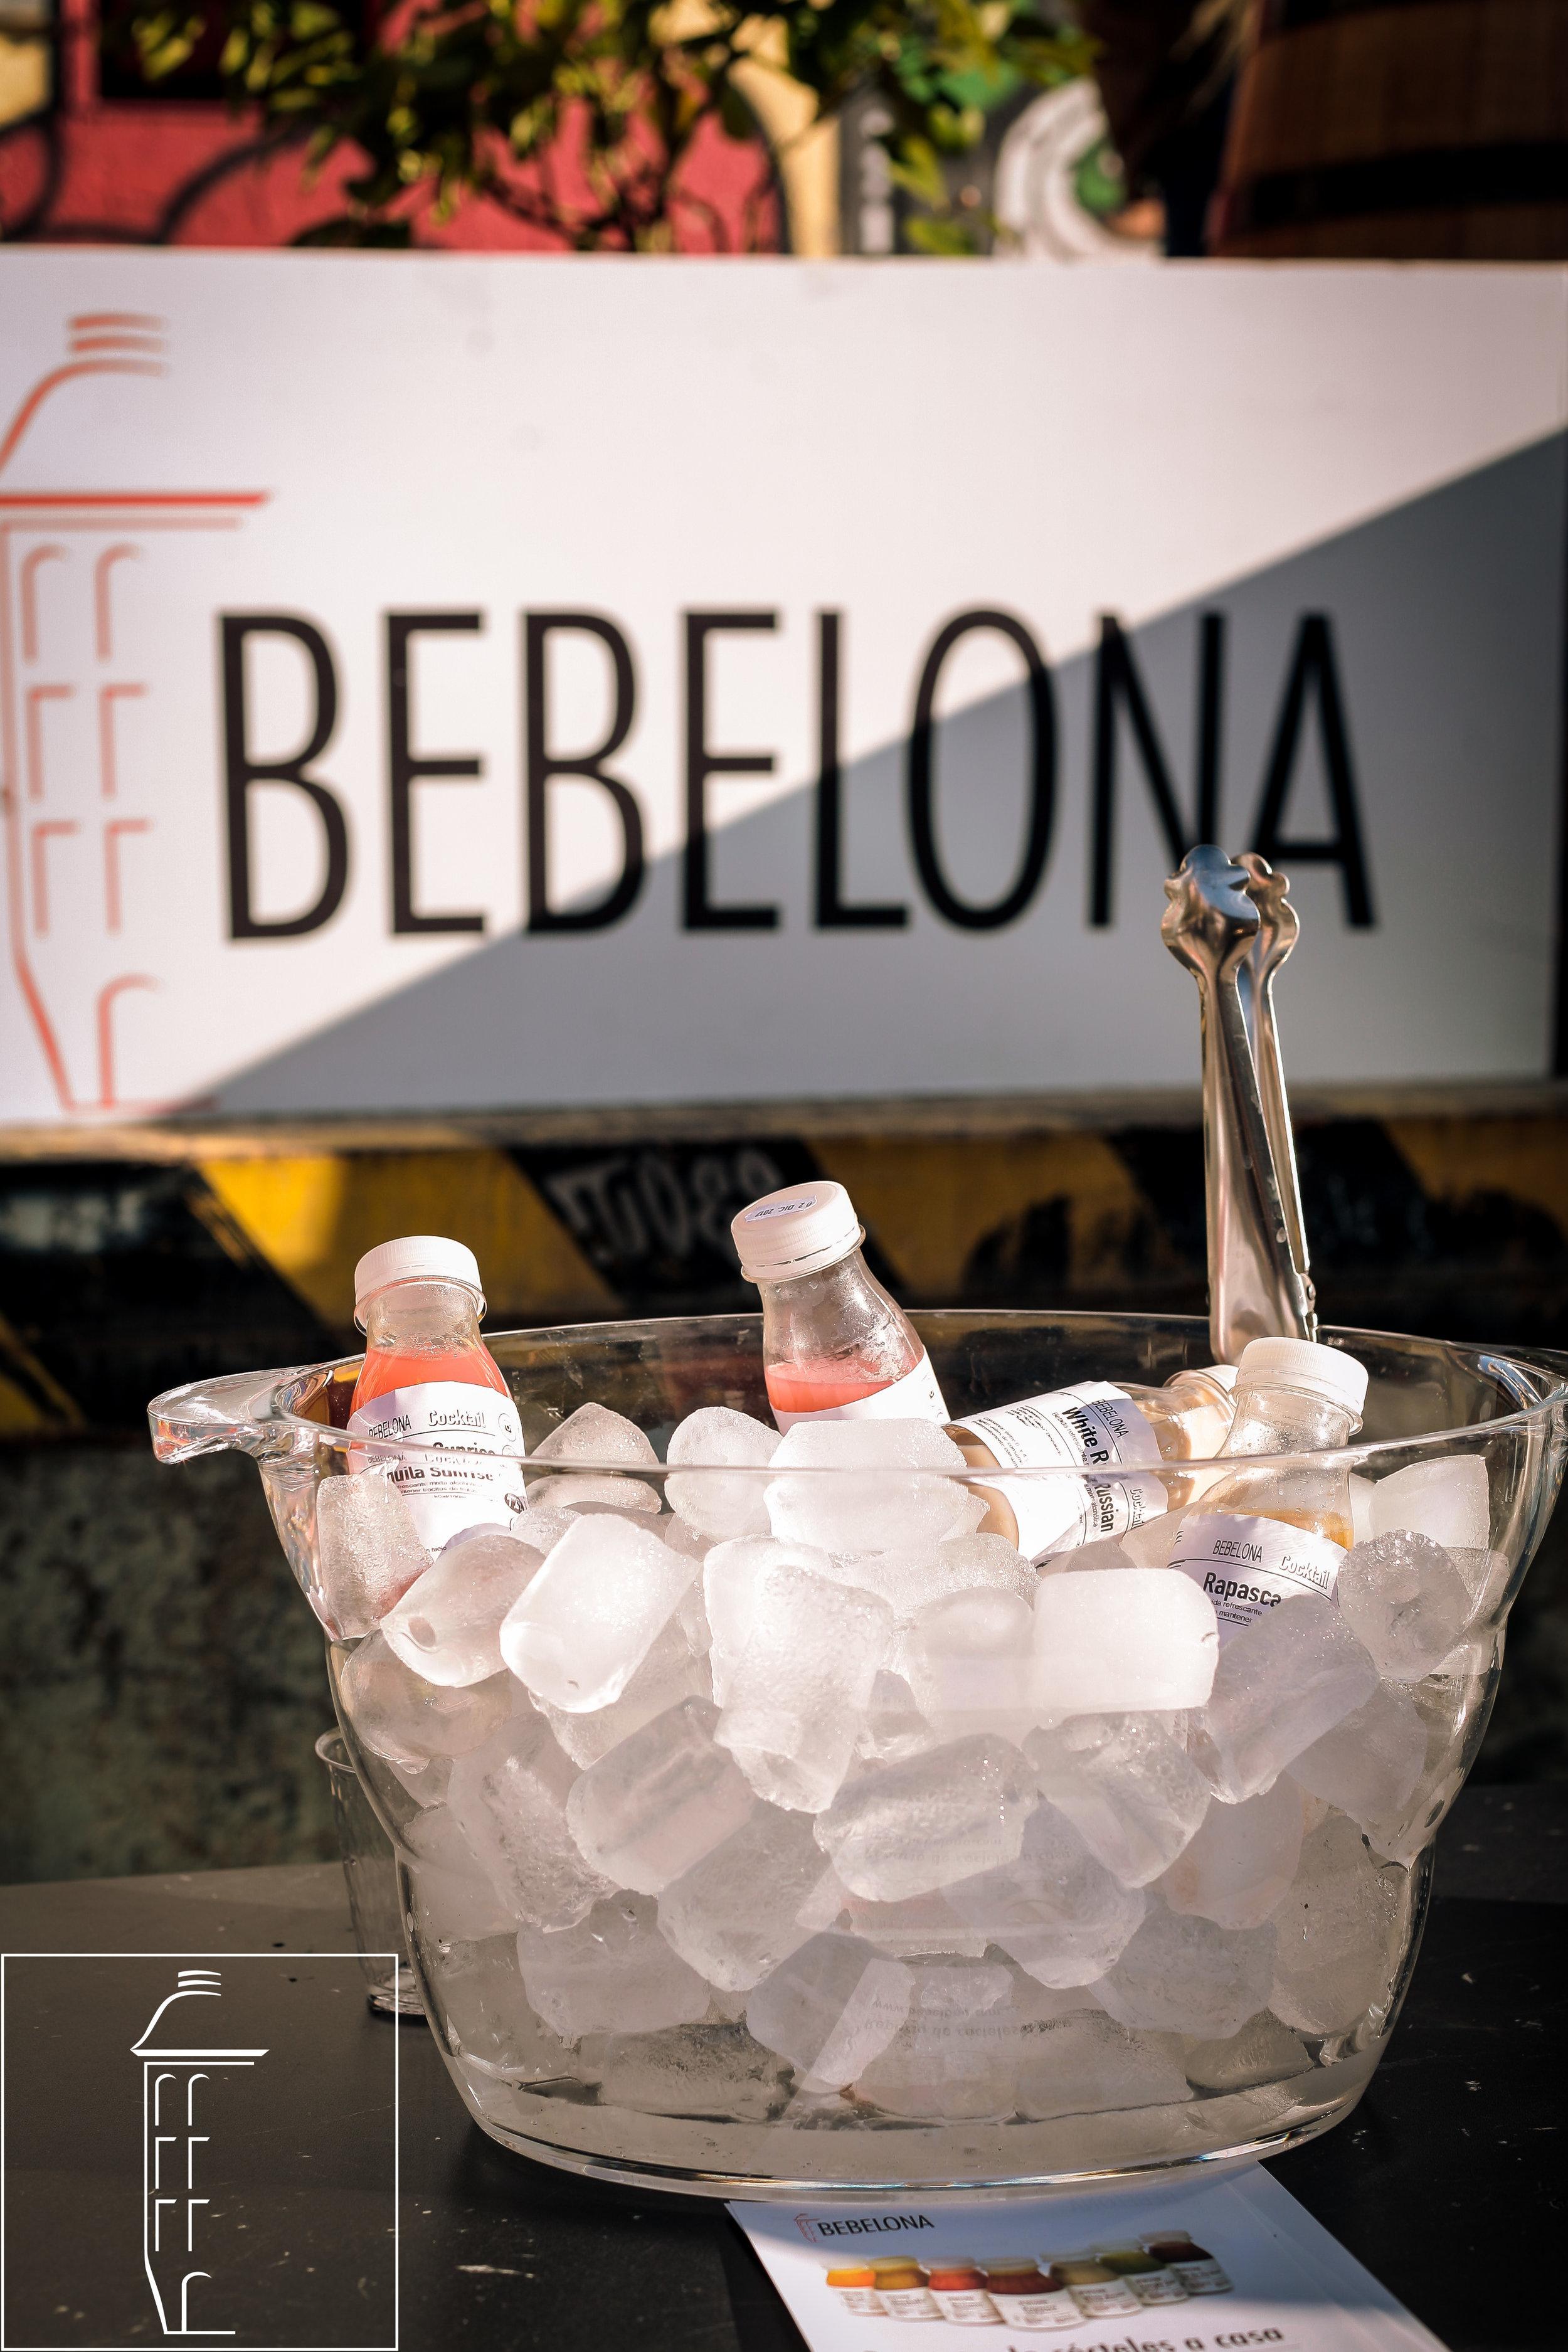 Bebelona in NB (21).jpg